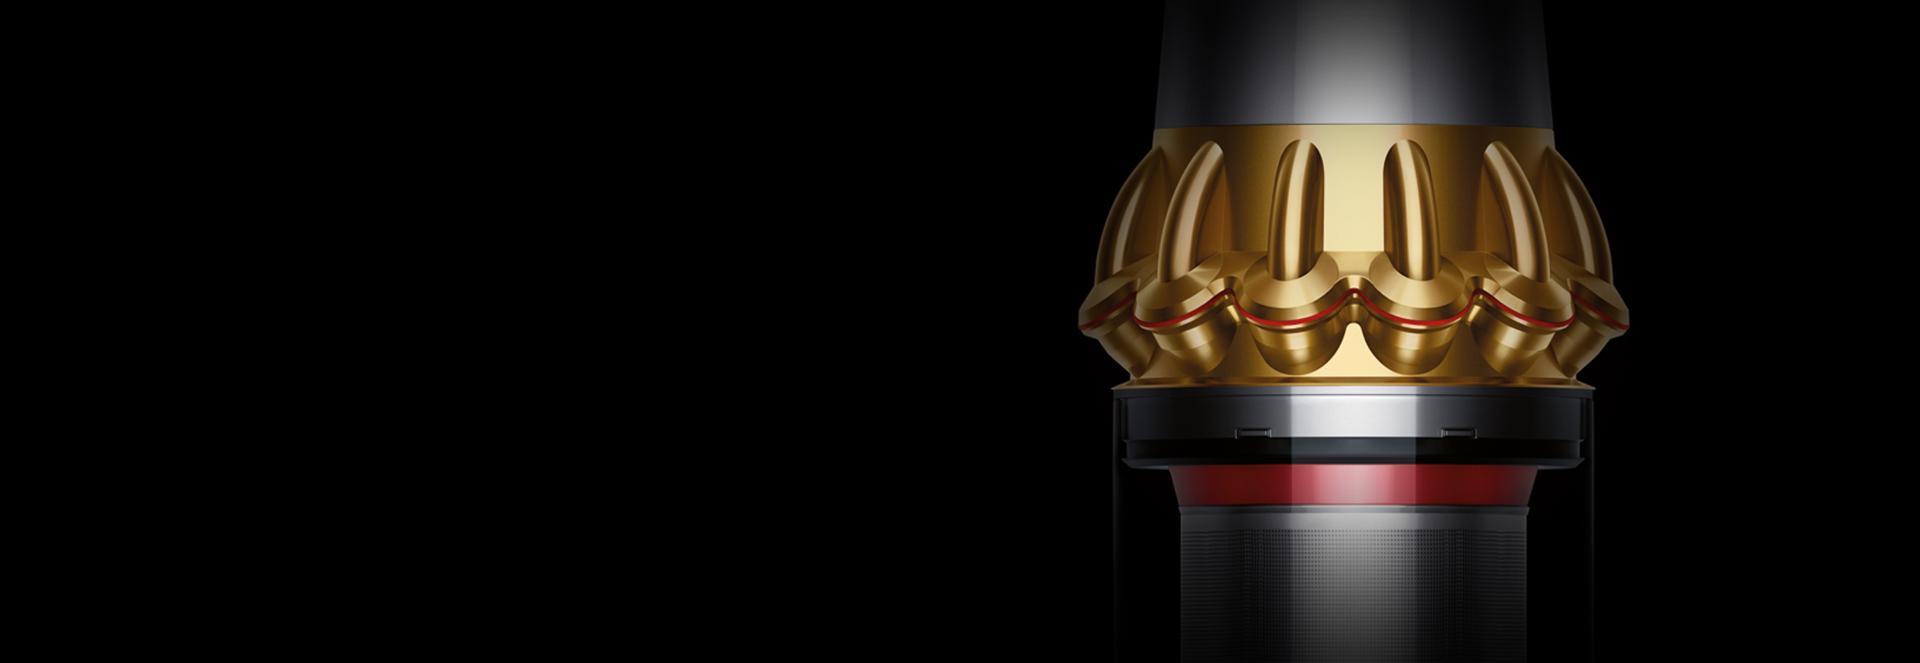 Özel altın renkli kablosuz süpürgenin yakından görünümü